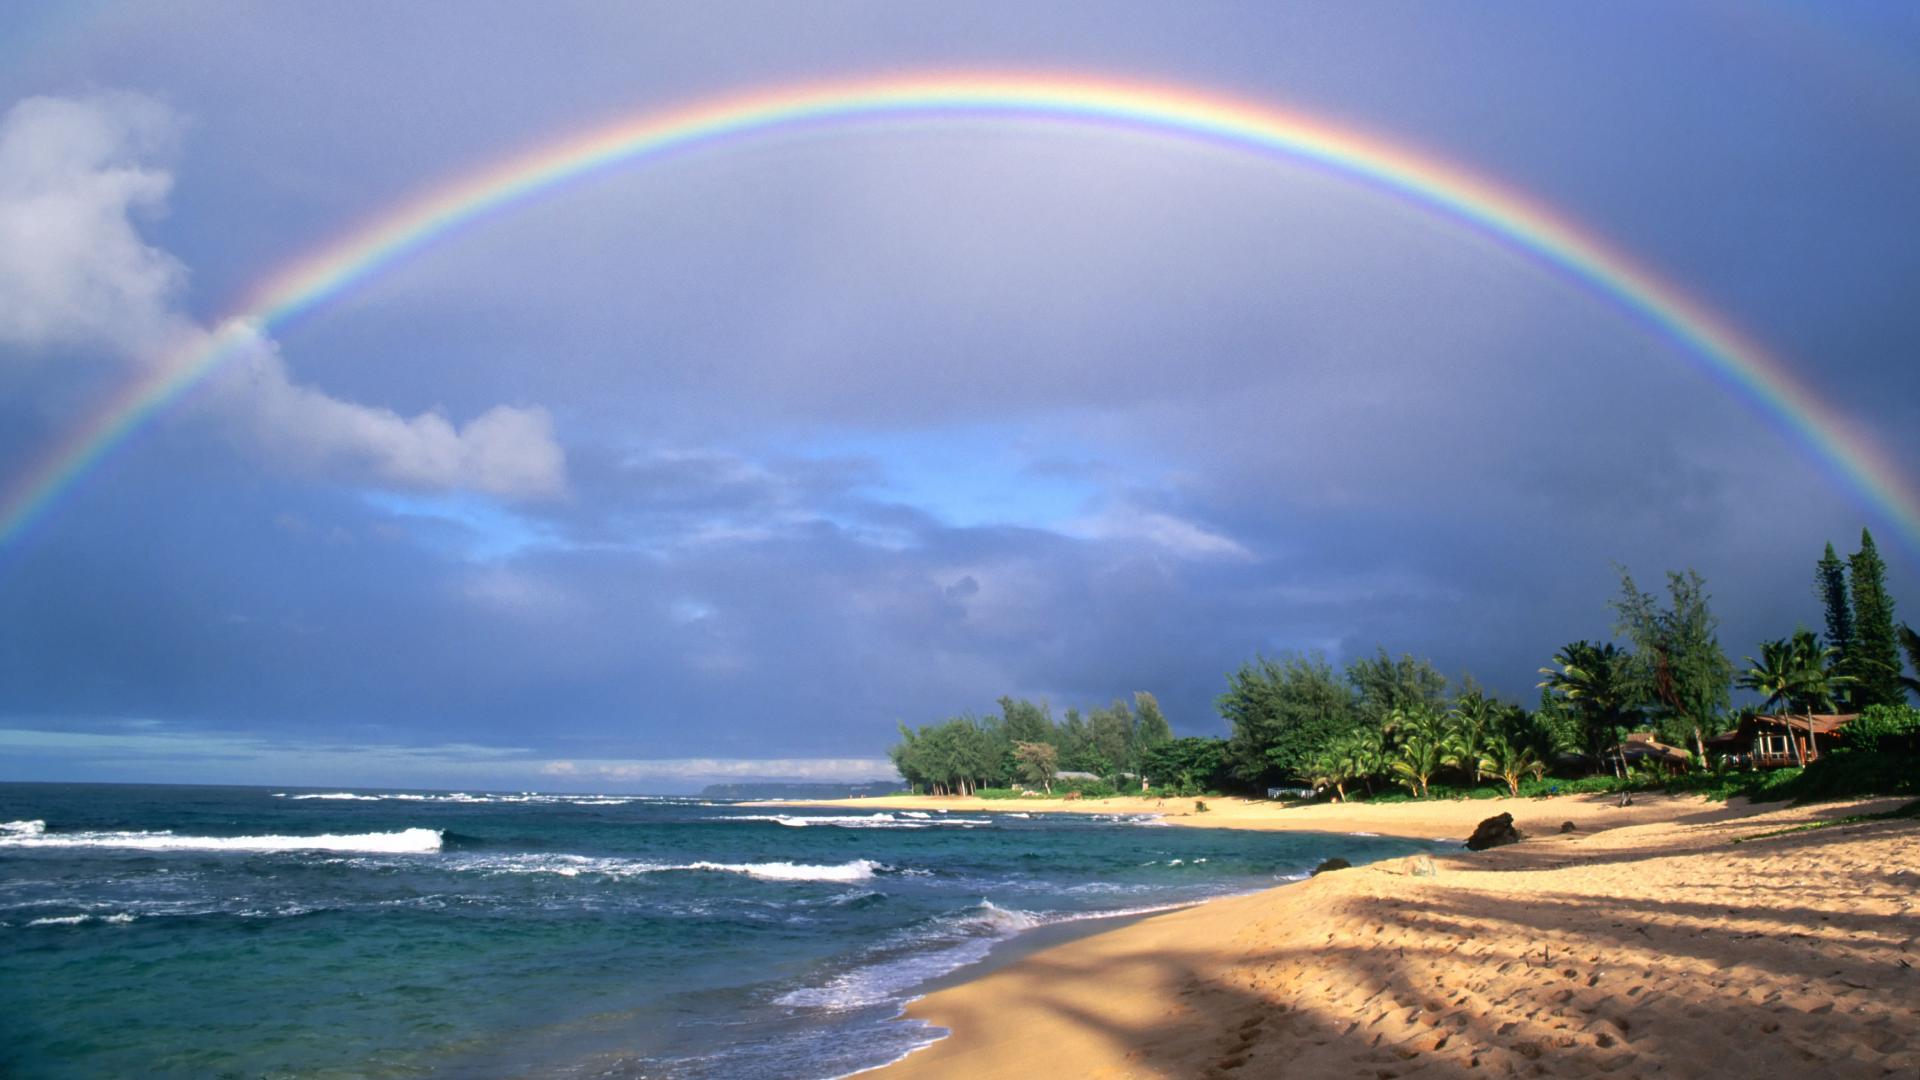 大自然が広がるハワイでは身も心もリフレッシュできます